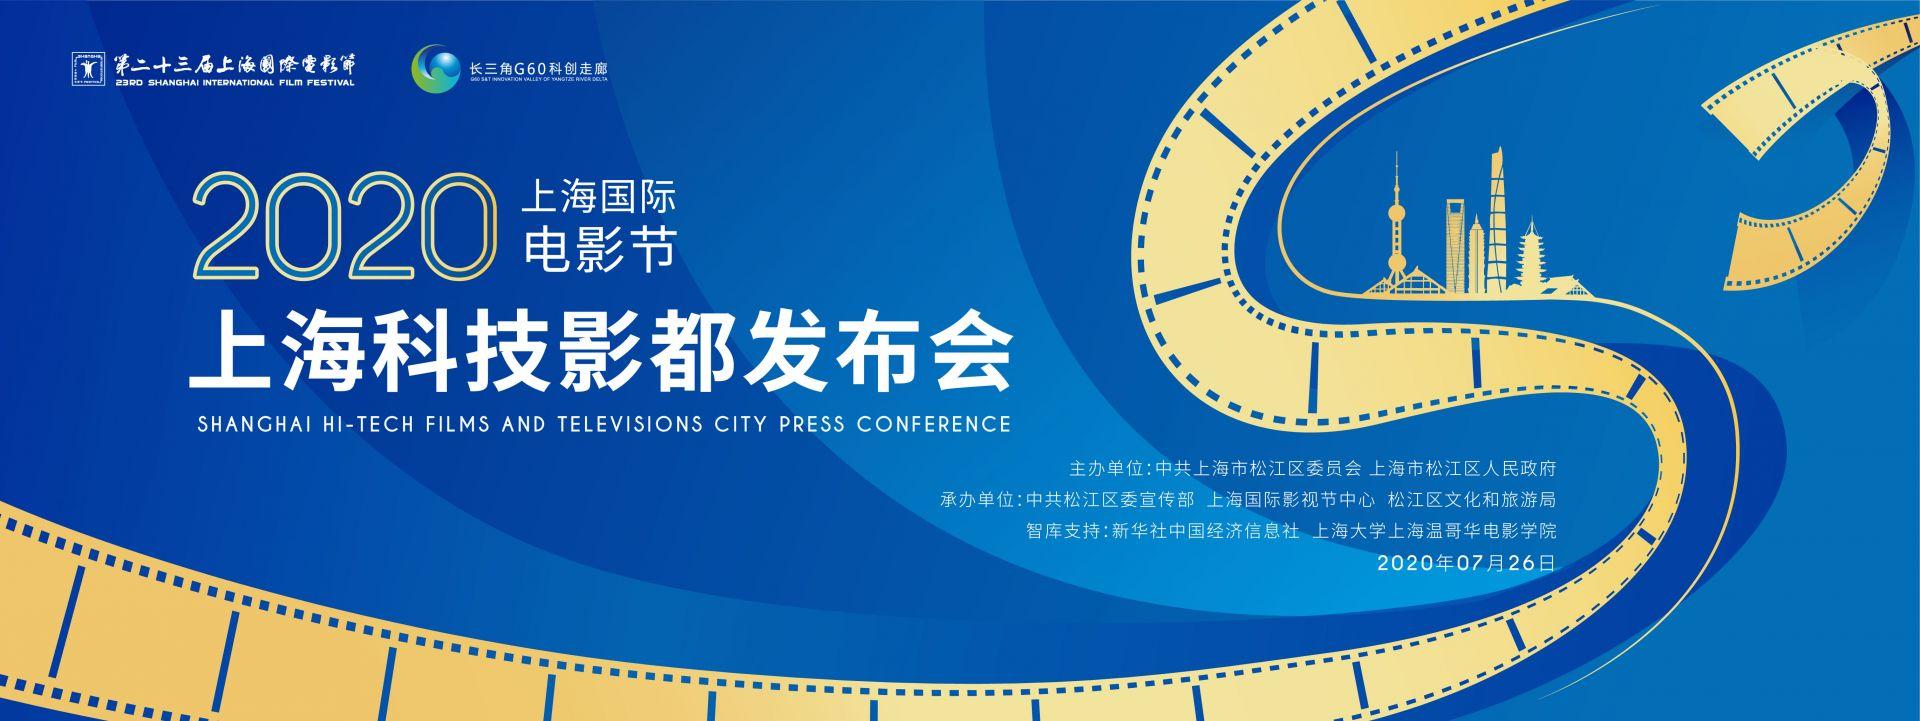 上海科技影都发布会暨高峰论坛